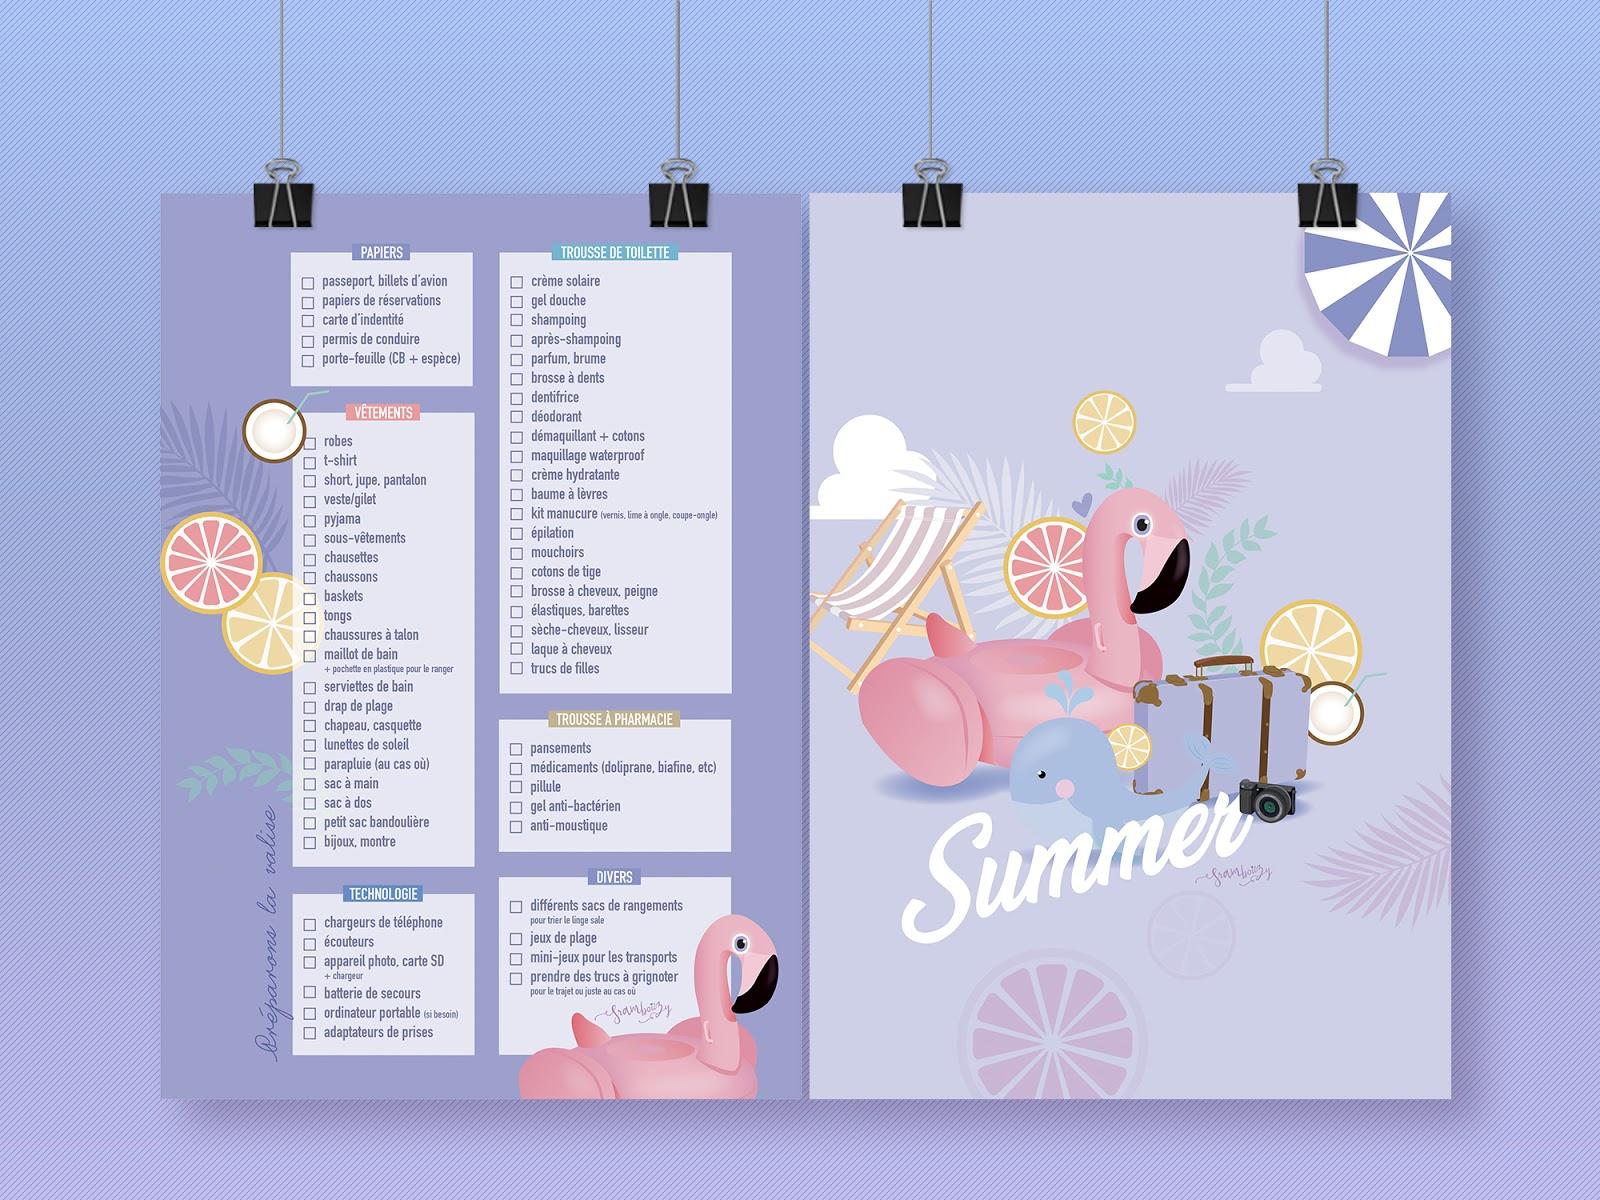 Les Les Wallpaper09 DisneyFramboiizy Méchants Méchants Méchants Les DisneyFramboiizy Wallpaper09 Wallpaper09 NwPXOnk80